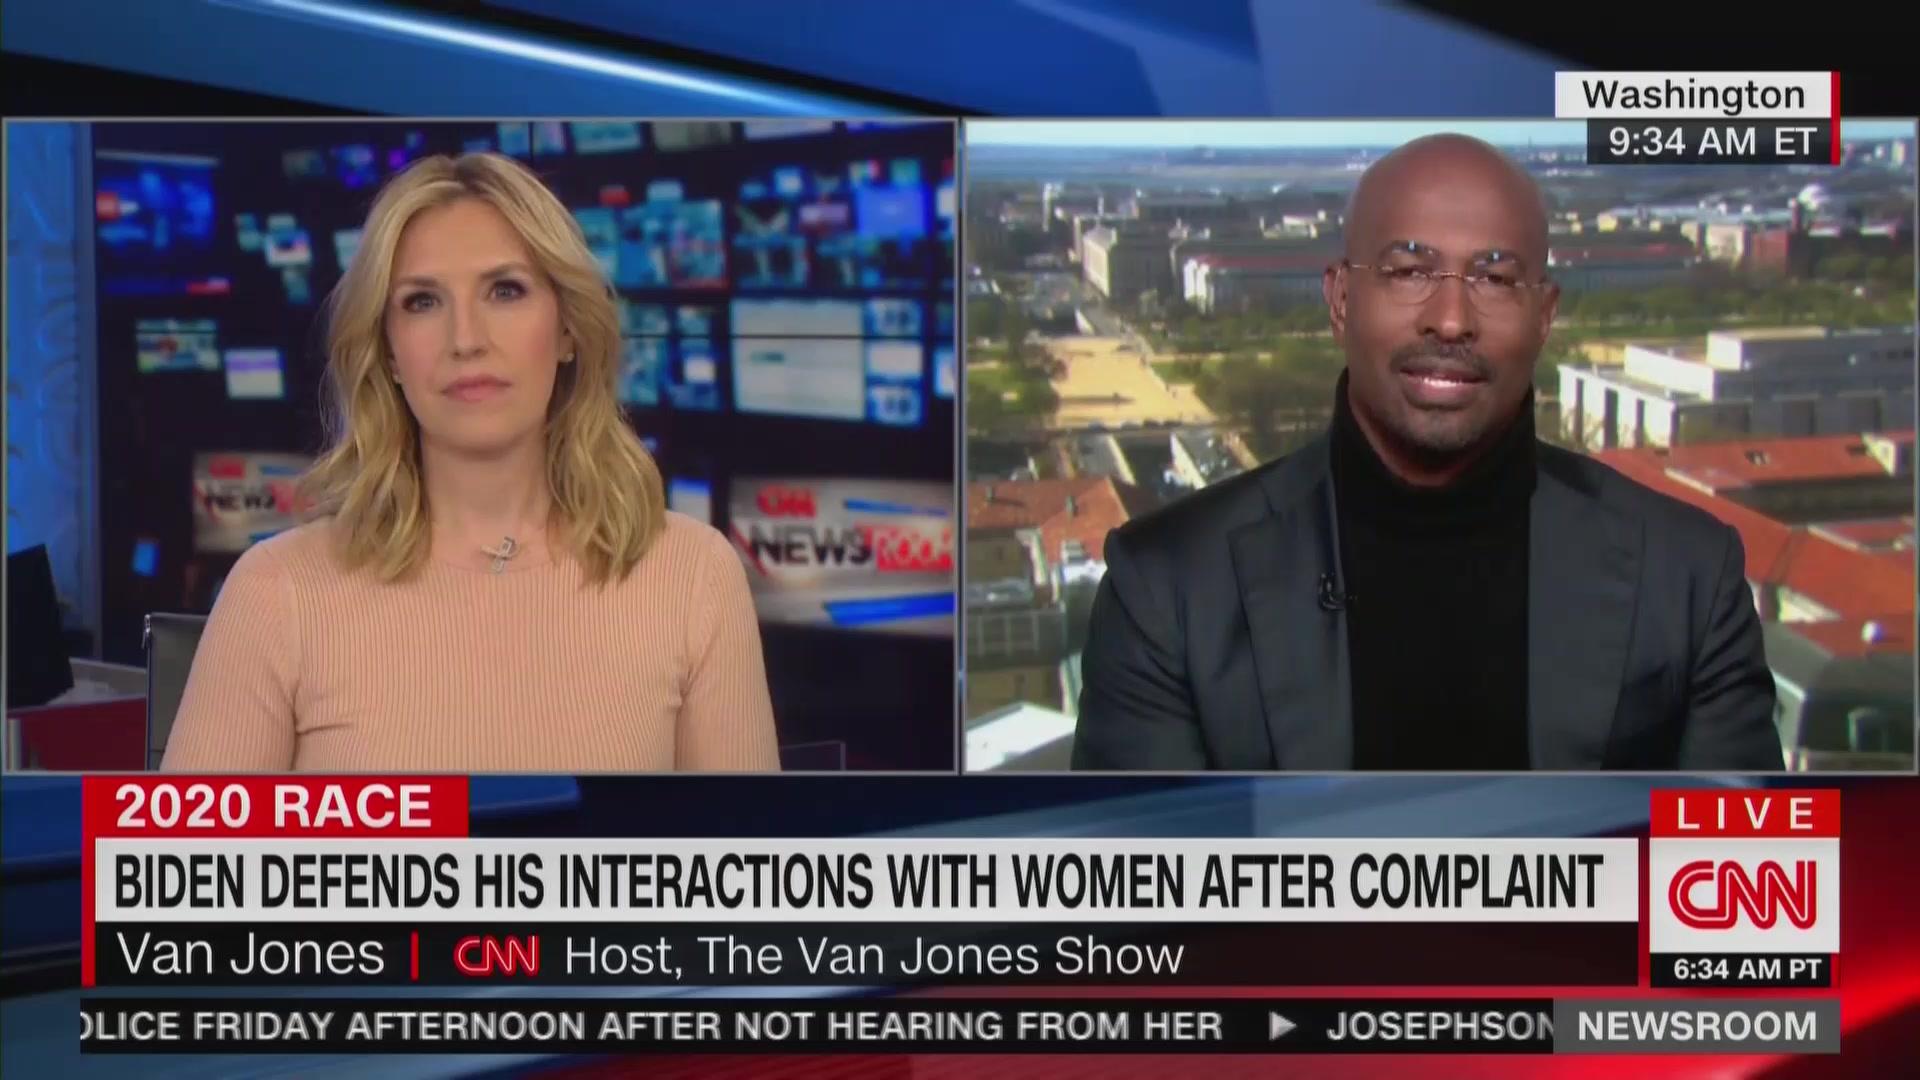 Van Jones on Lucy Flores Allegation: 'Old School' Joe Biden Is 'Very Much a Hands-On Guy'